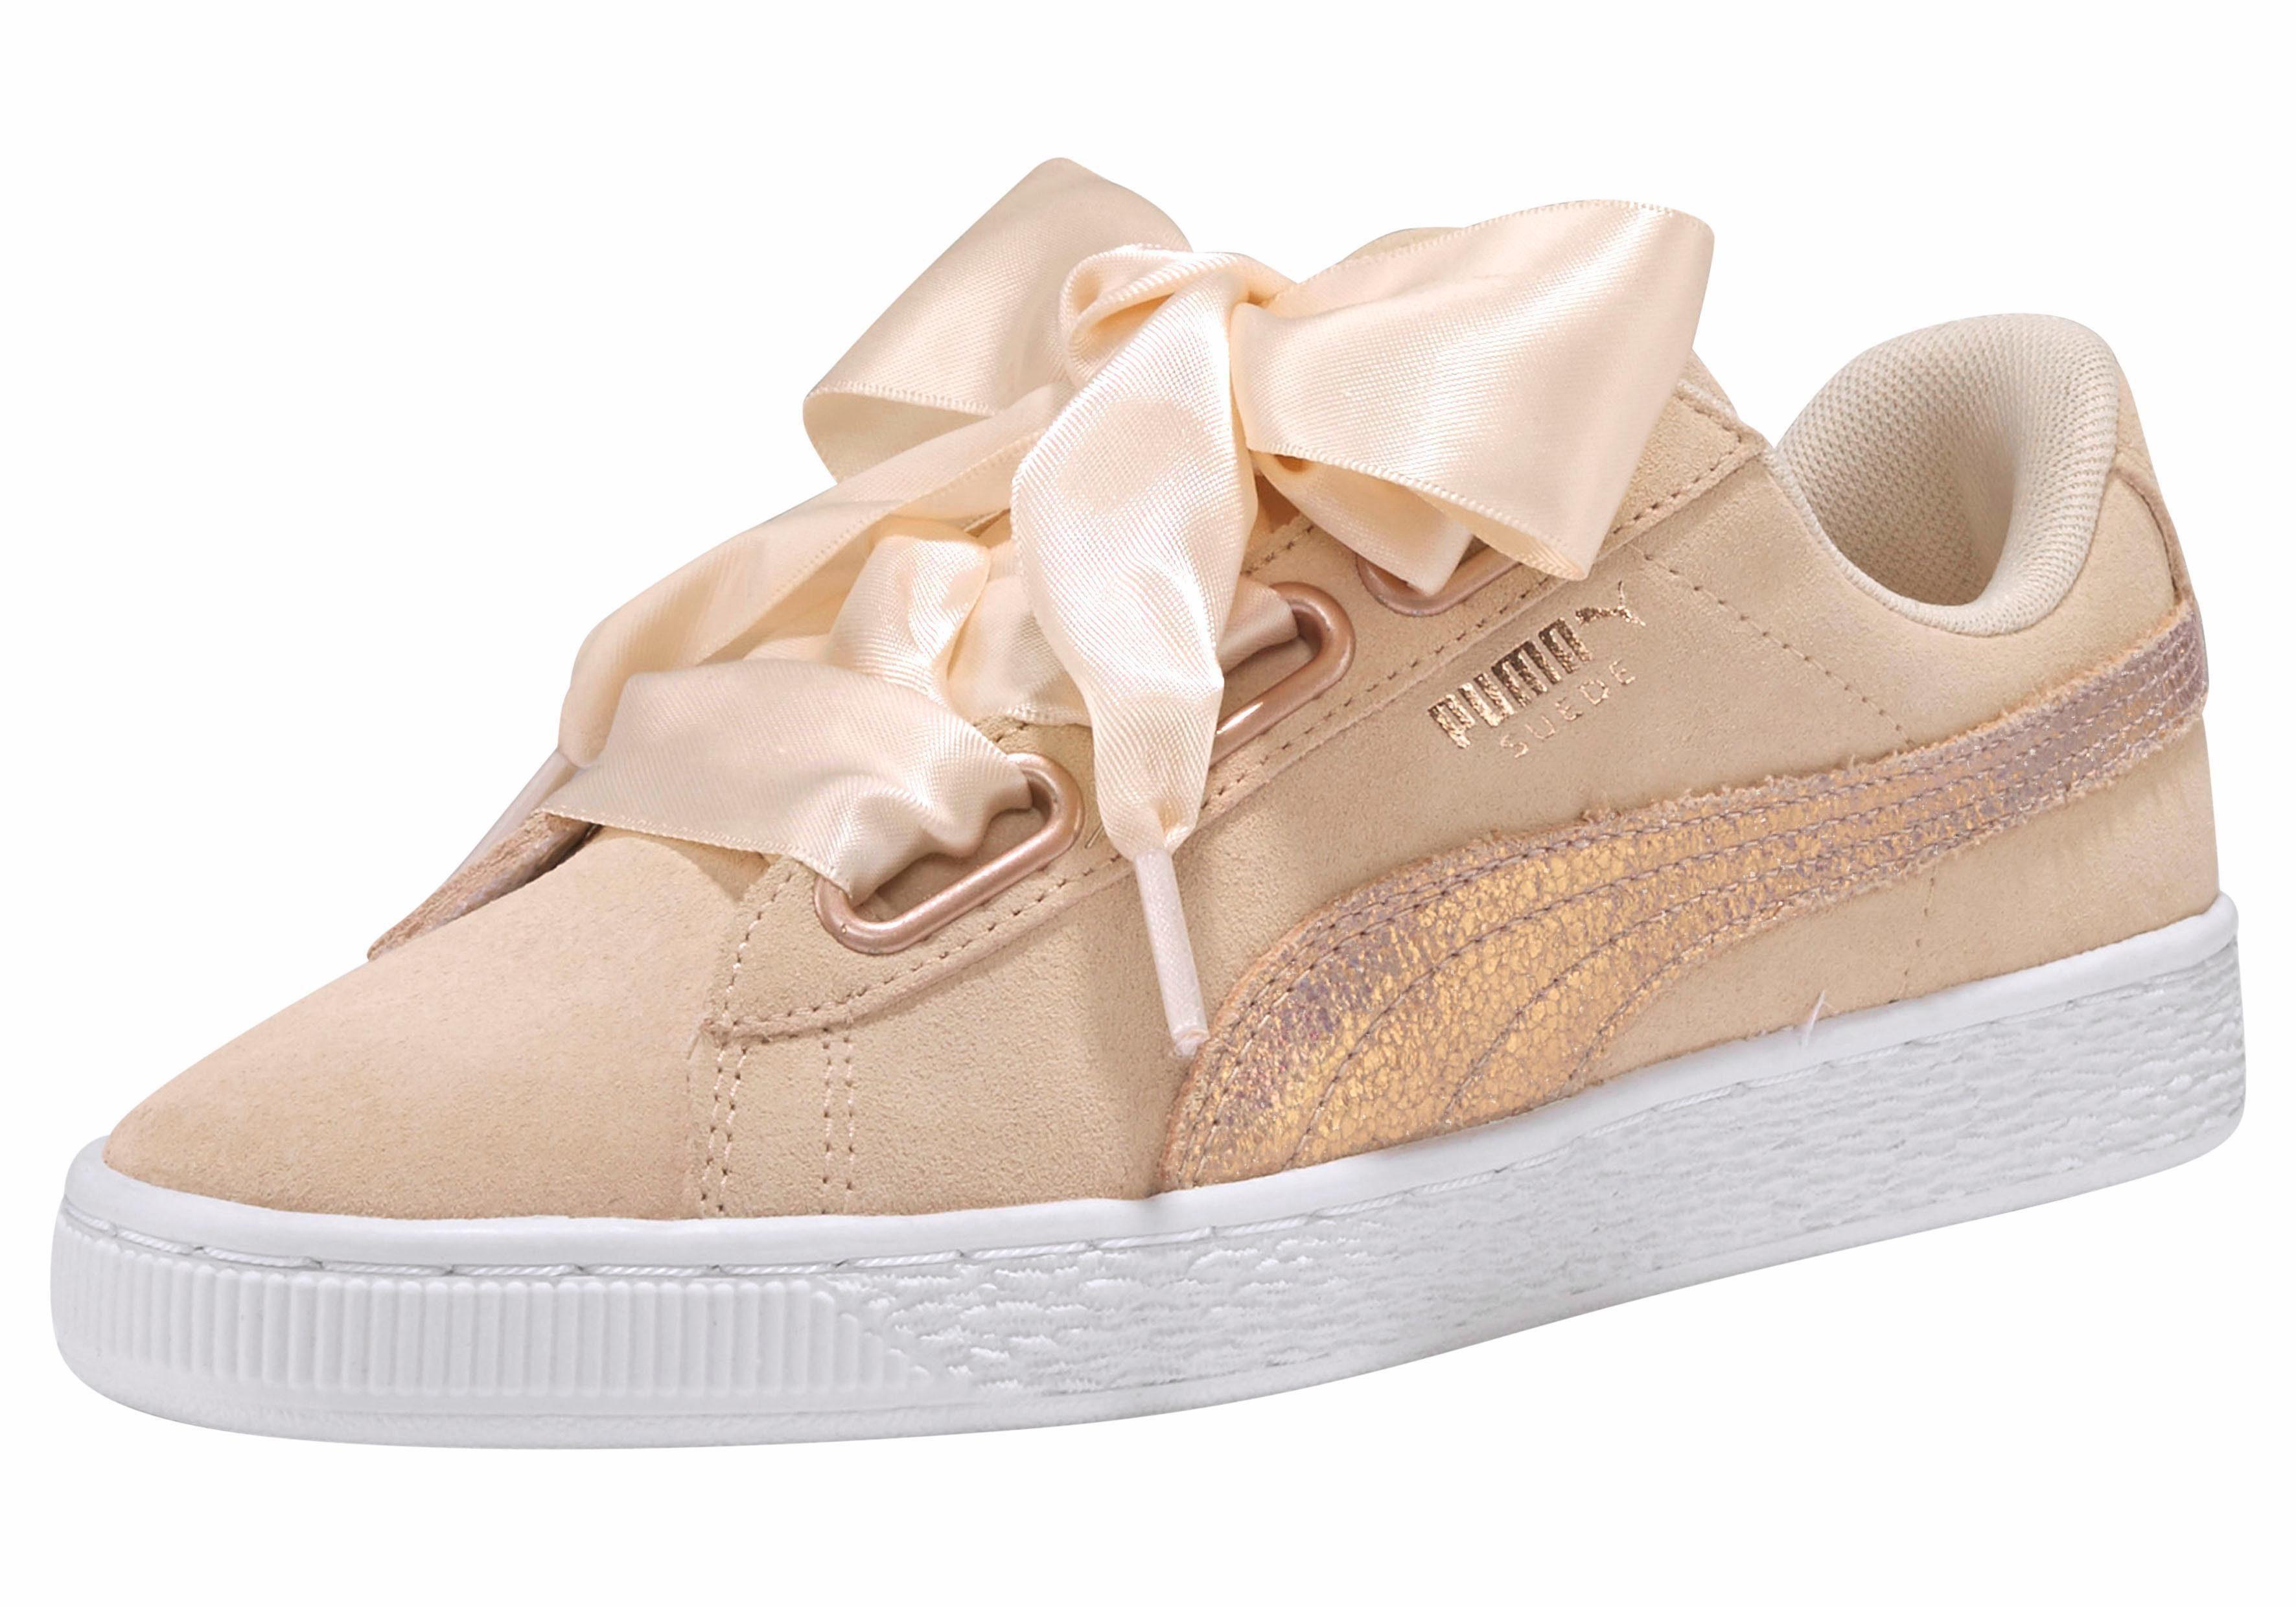 PUMA »Suede Heart Luna Lux Wn´s« Sneaker, Modischer Sneaker von Puma online kaufen | OTTO